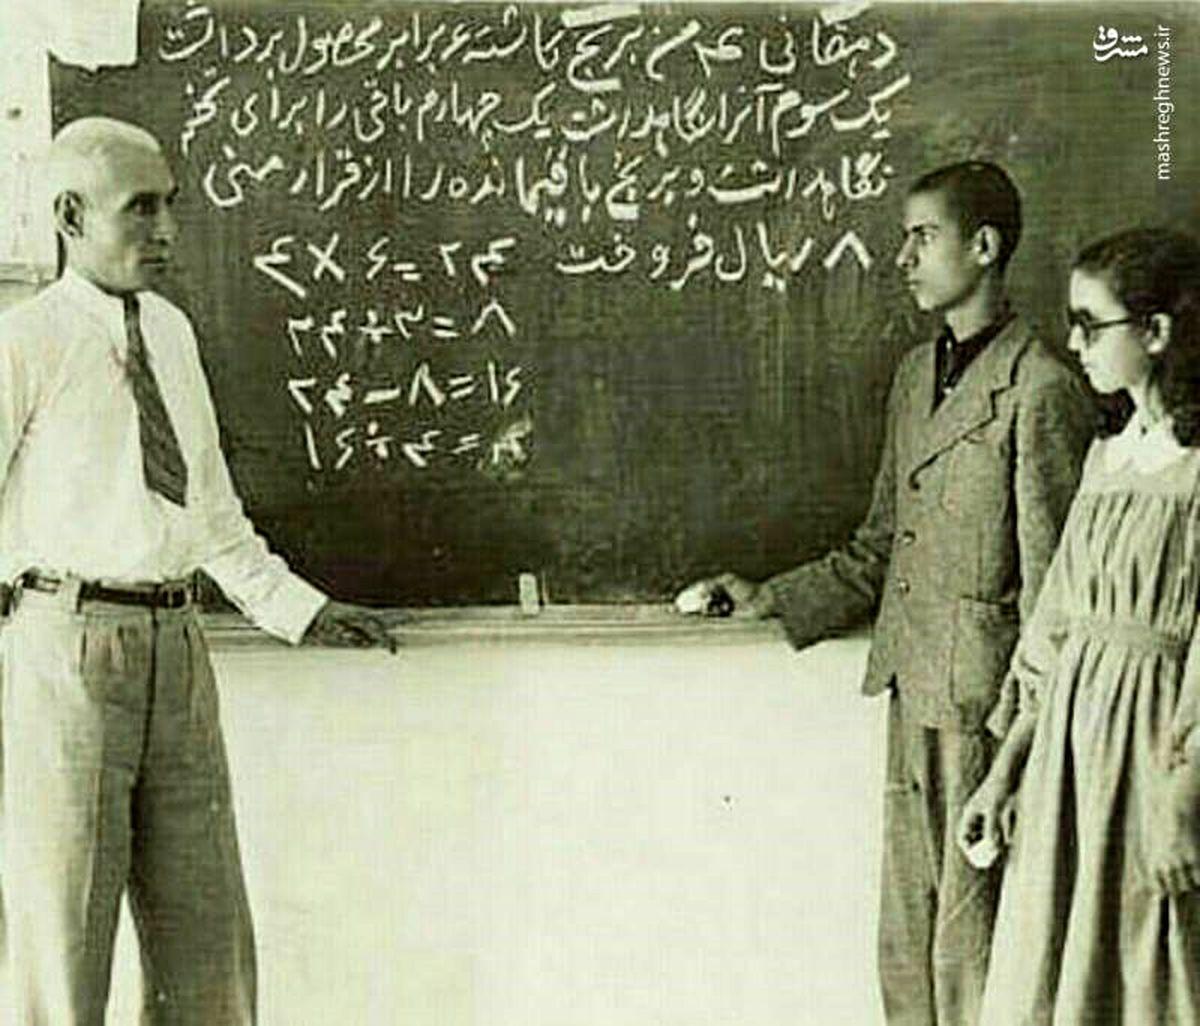 کلاس درس معروفترین معلم ایران/عکس